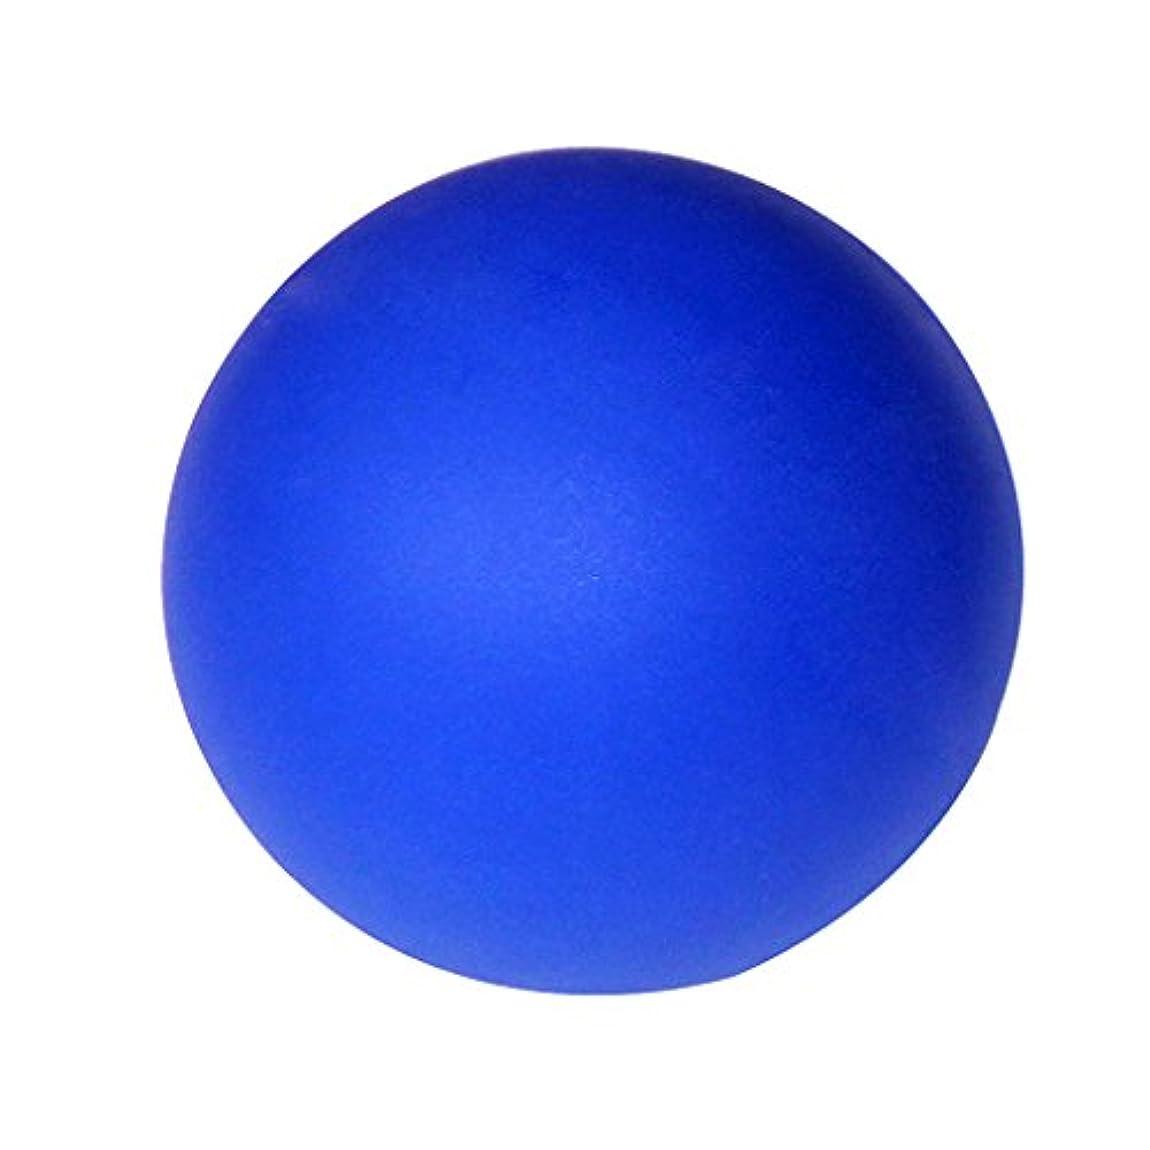 シリアル出来事簡単にマッサージボール ラクロスマッサージボール 足 腕 首 足首 背中 ジム ホーム 運動療法